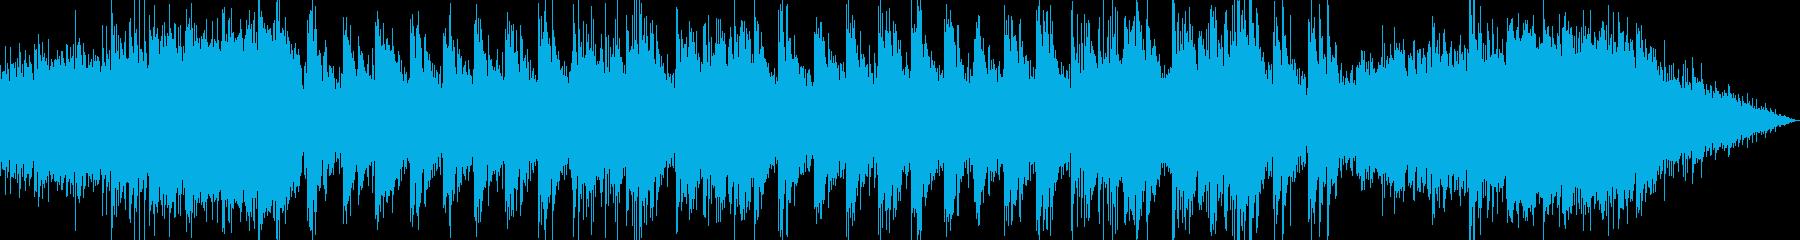 降り積もる雪を表現したボイスシンセピアノの再生済みの波形